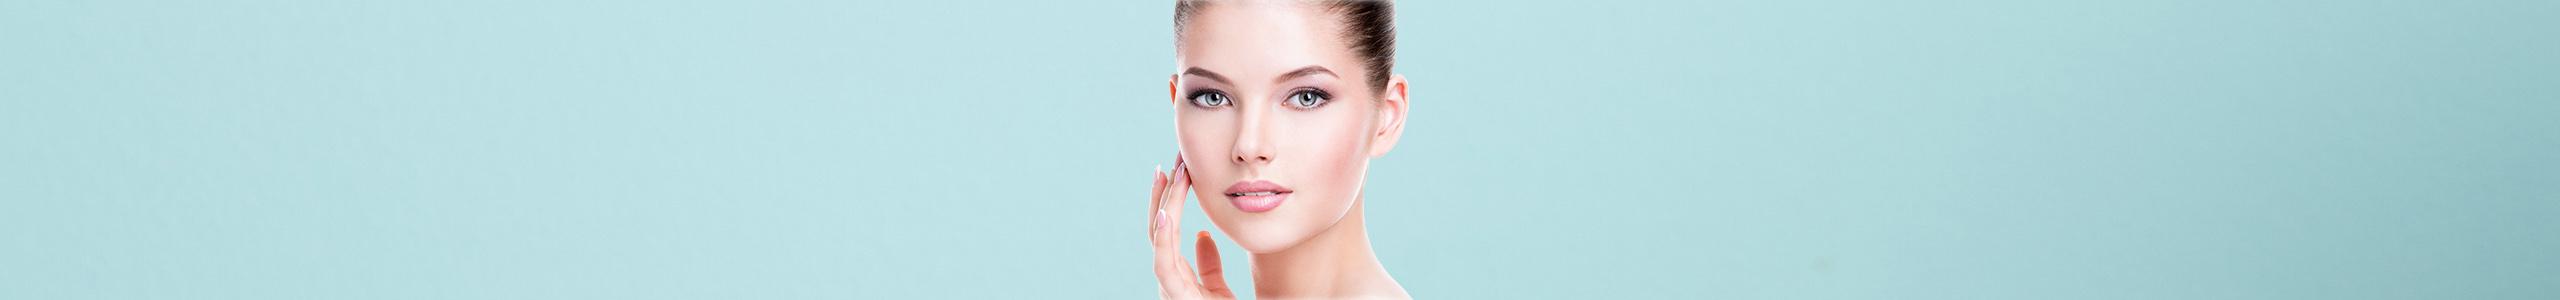 J-Plasma Renuvion Bellevue | Non-Surgical Skin Tightening